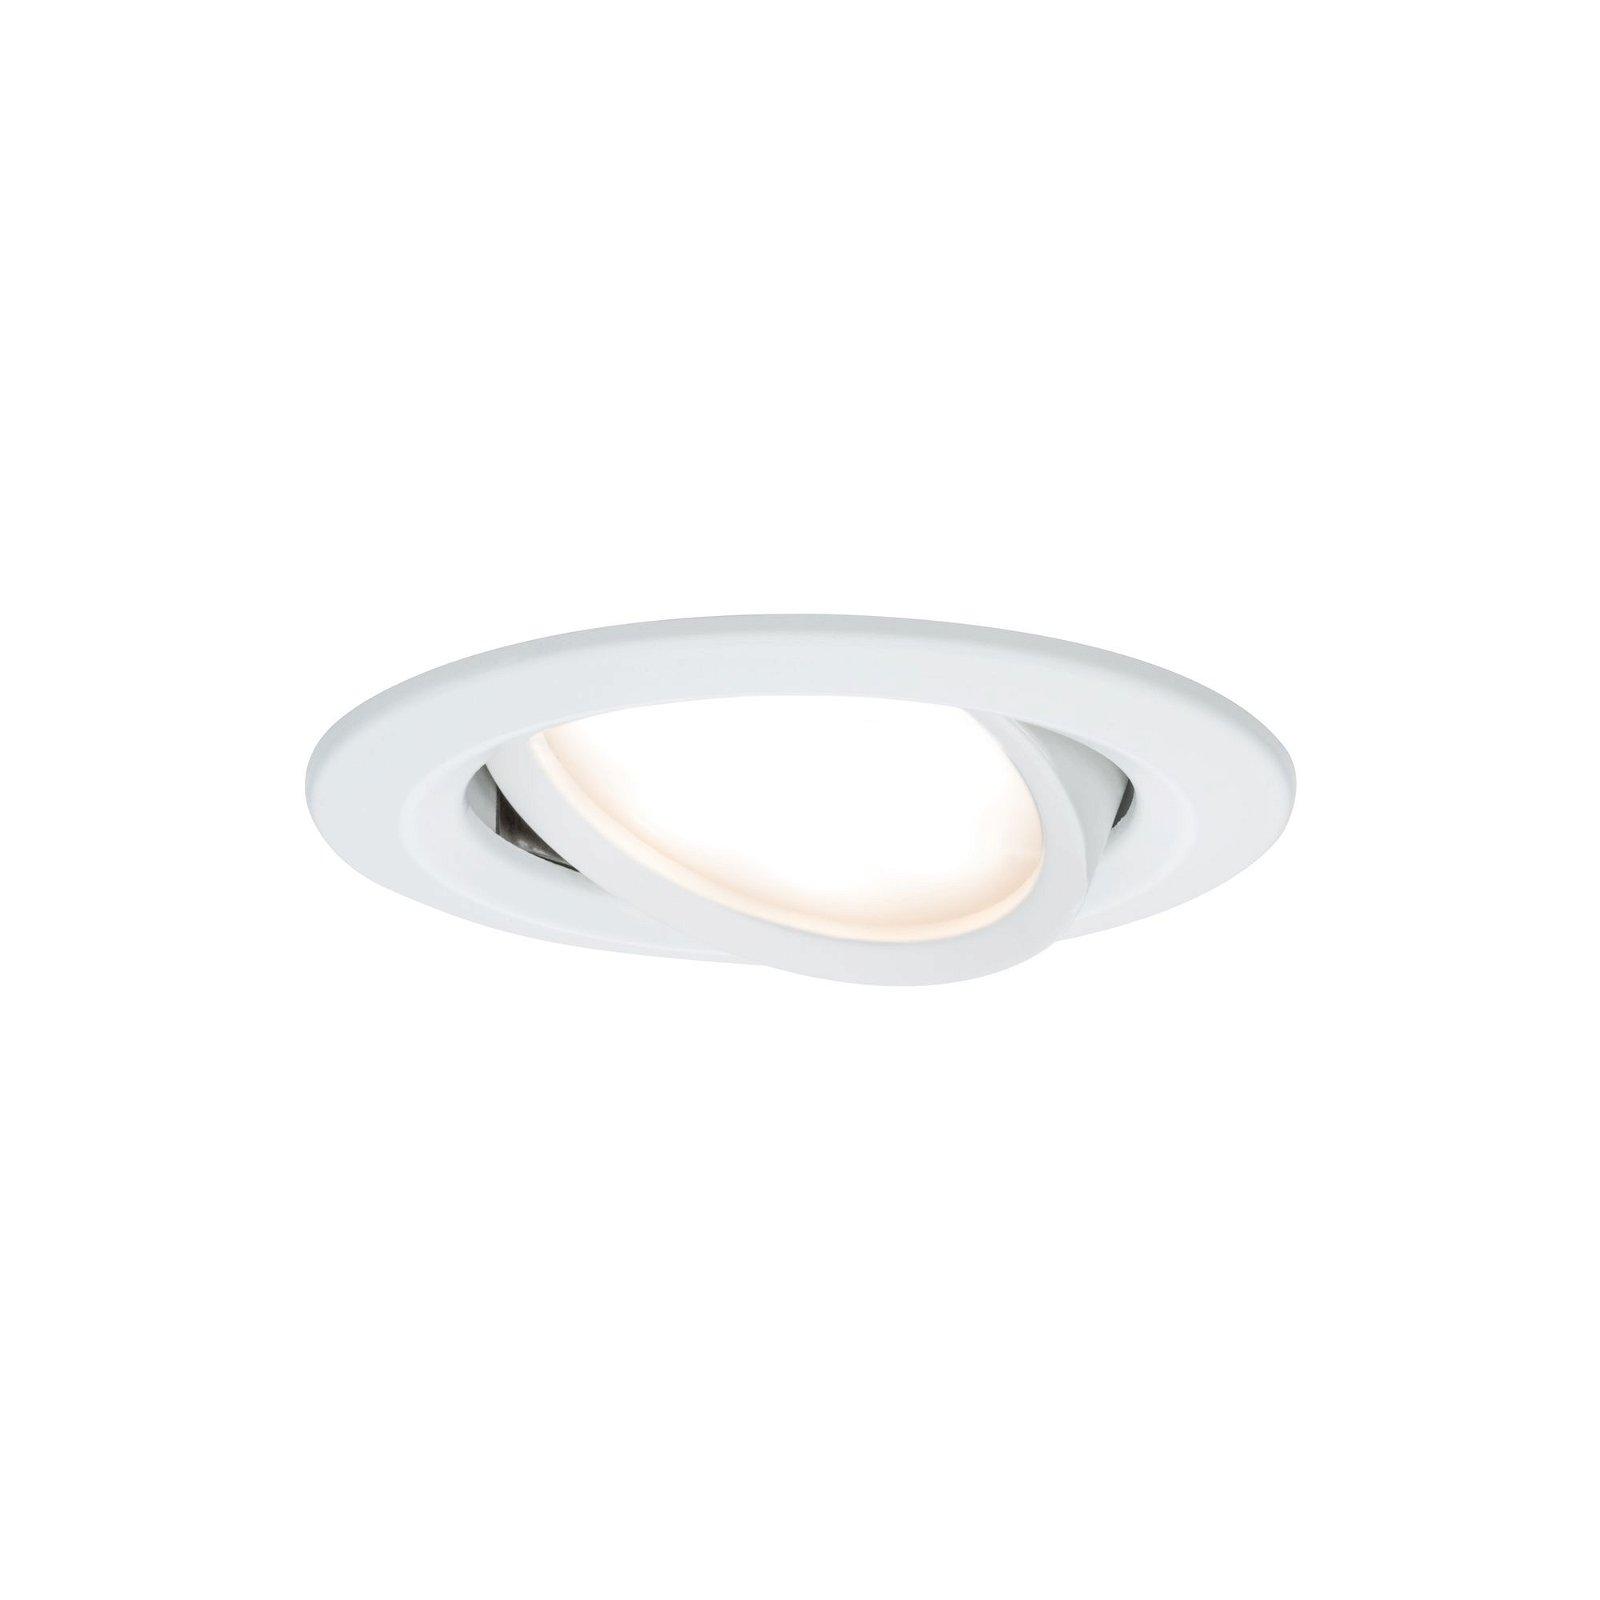 LED-inbouwlamp 3-Step-Dim Nova Coin Basisset zwenkbaar rond 84mm 50° Coin 3x6,5W 3x460lm 230V 2700K Wit mat